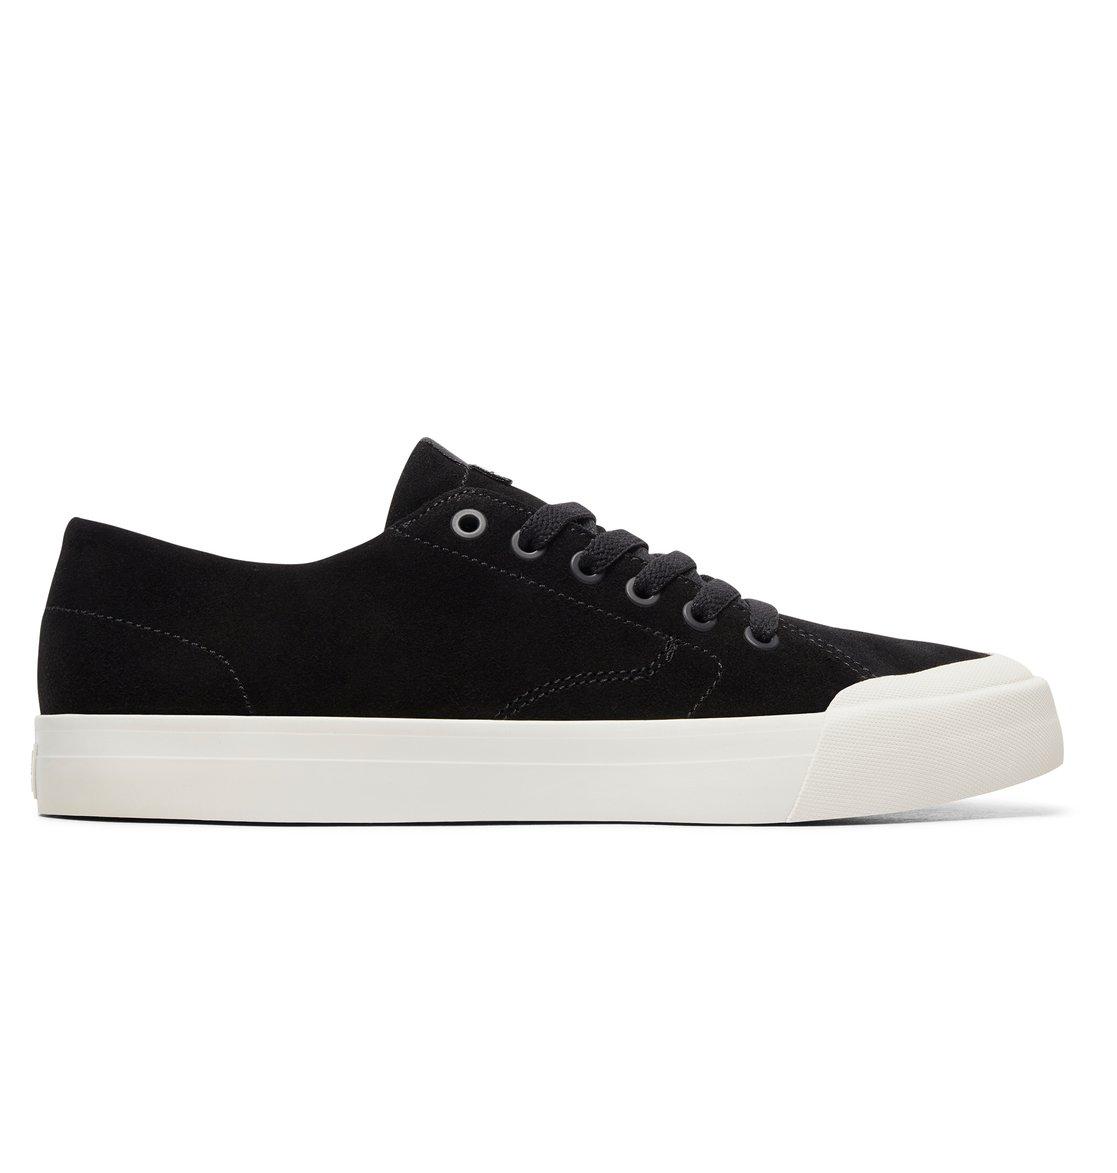 Evan Hombre Zapatos Zero Adys300487 Shoes Lo Dc Para qgC154x